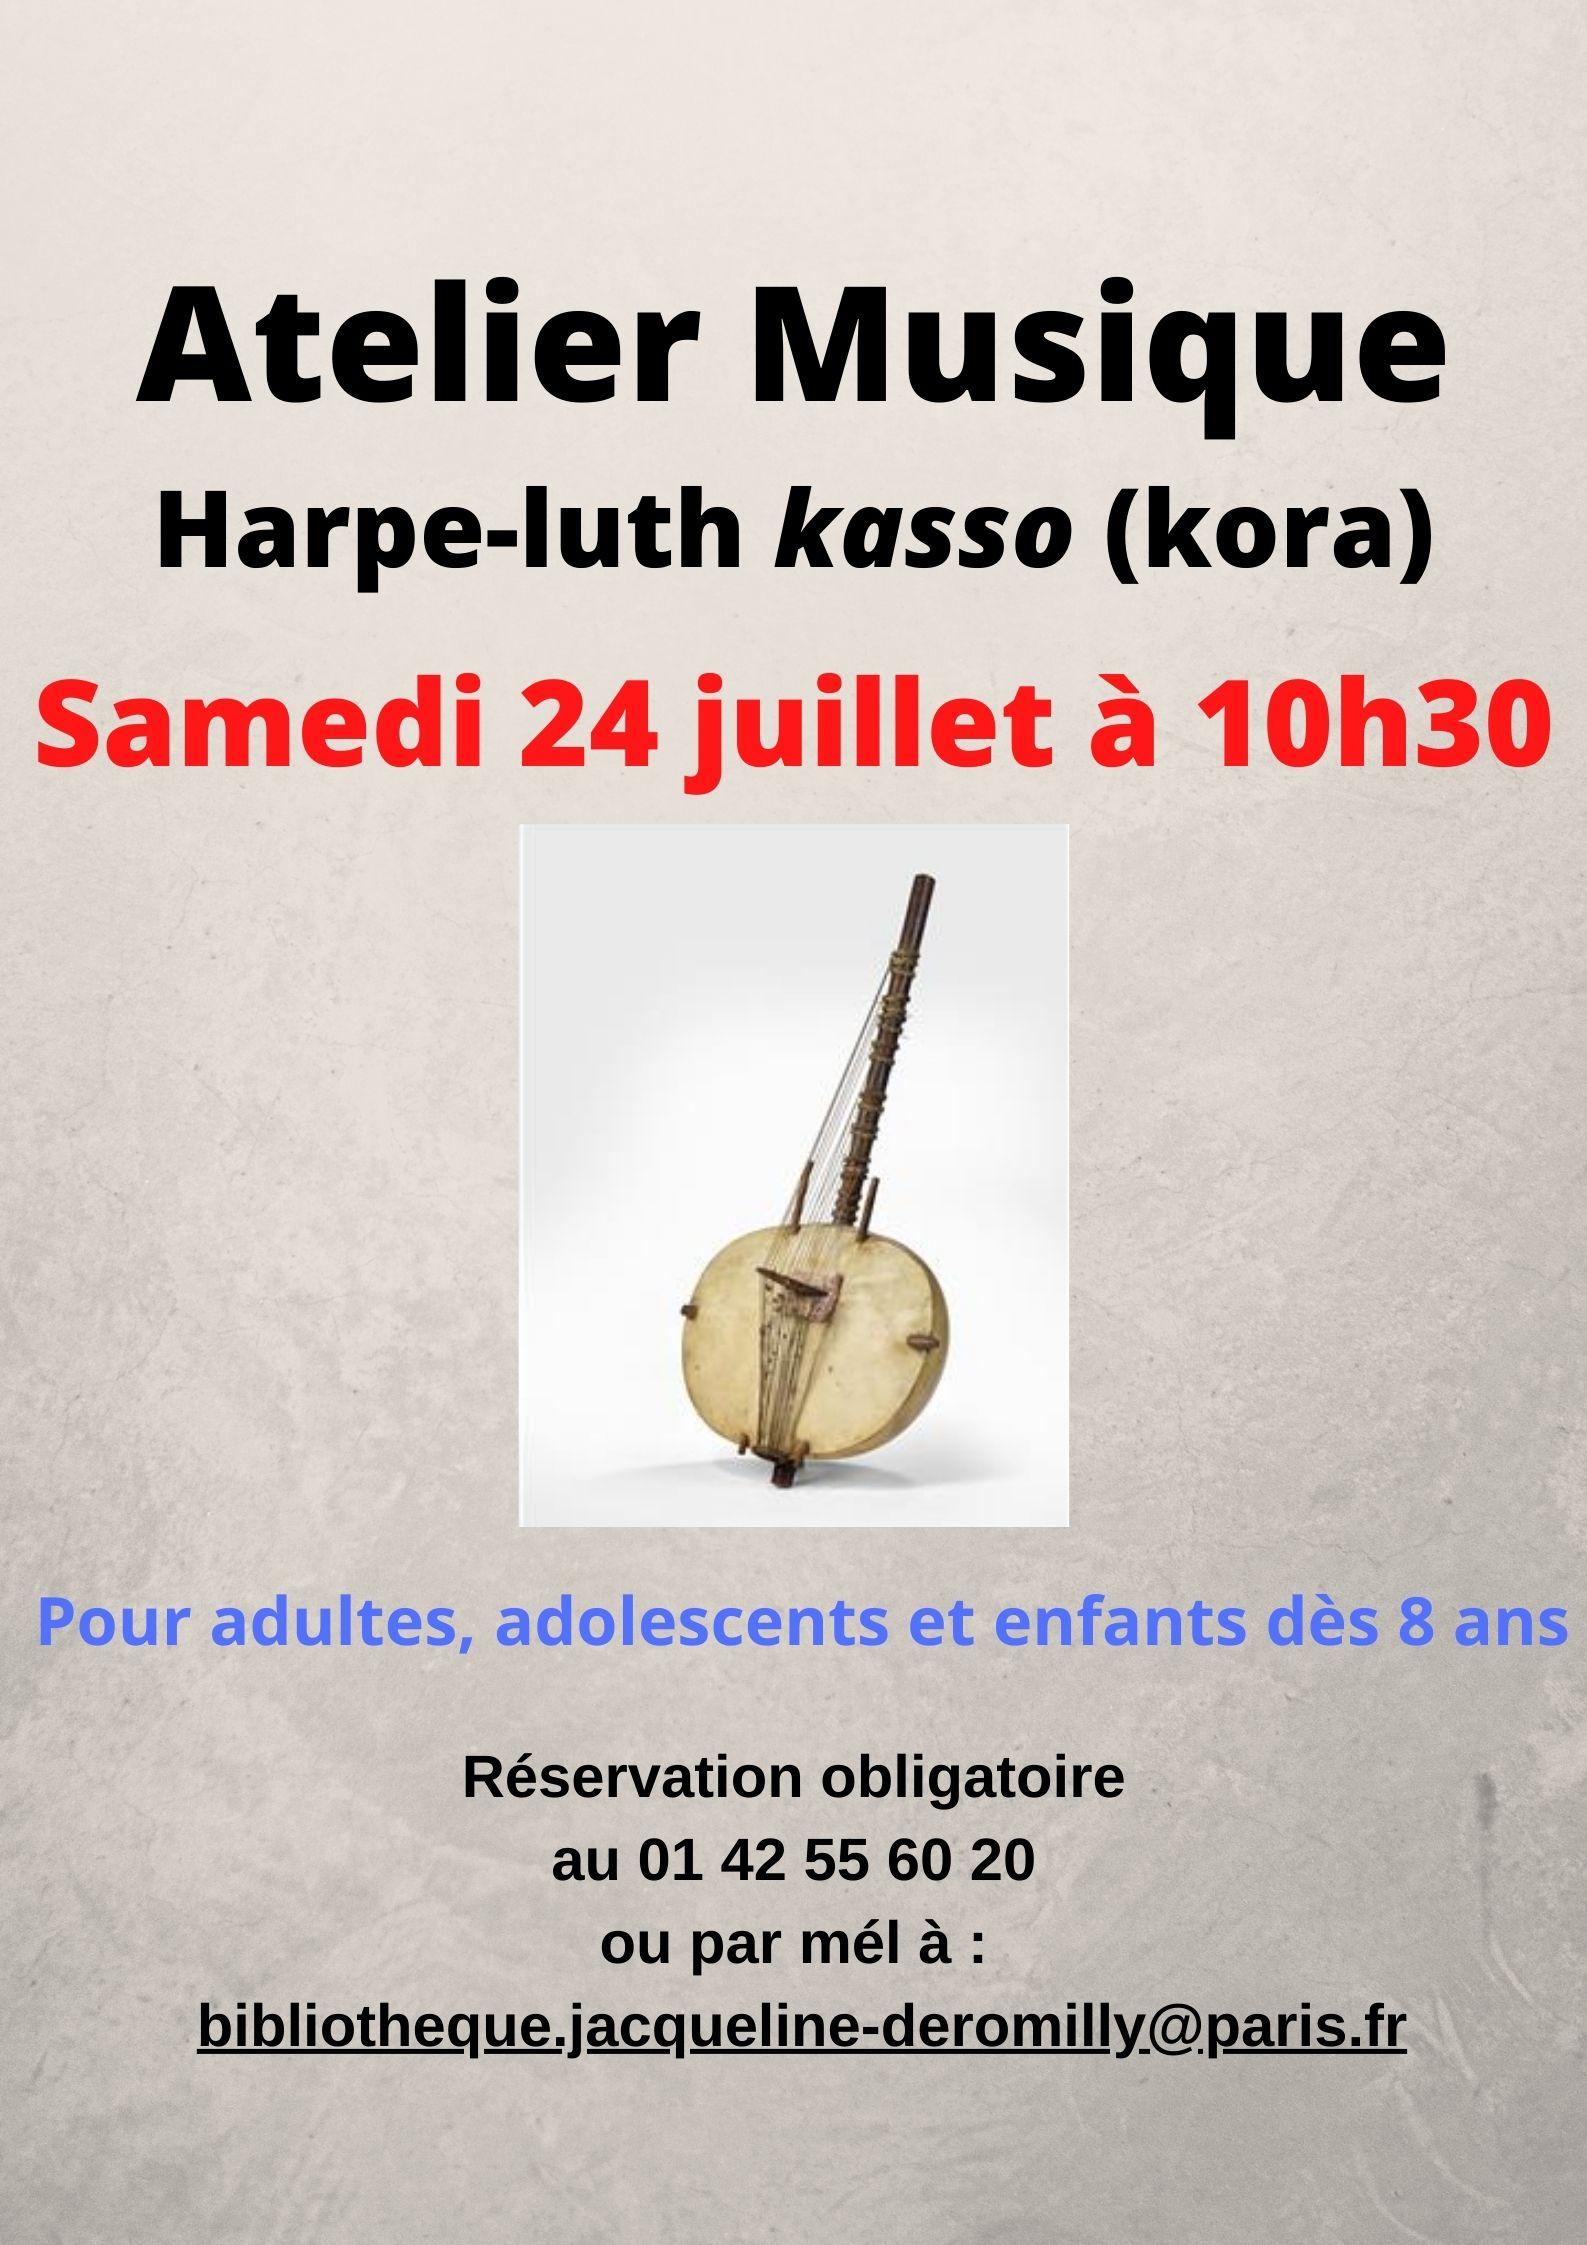 Activités autour de la harpe-luth kasso Bibliothèque Jacqueline de Romilly Paris